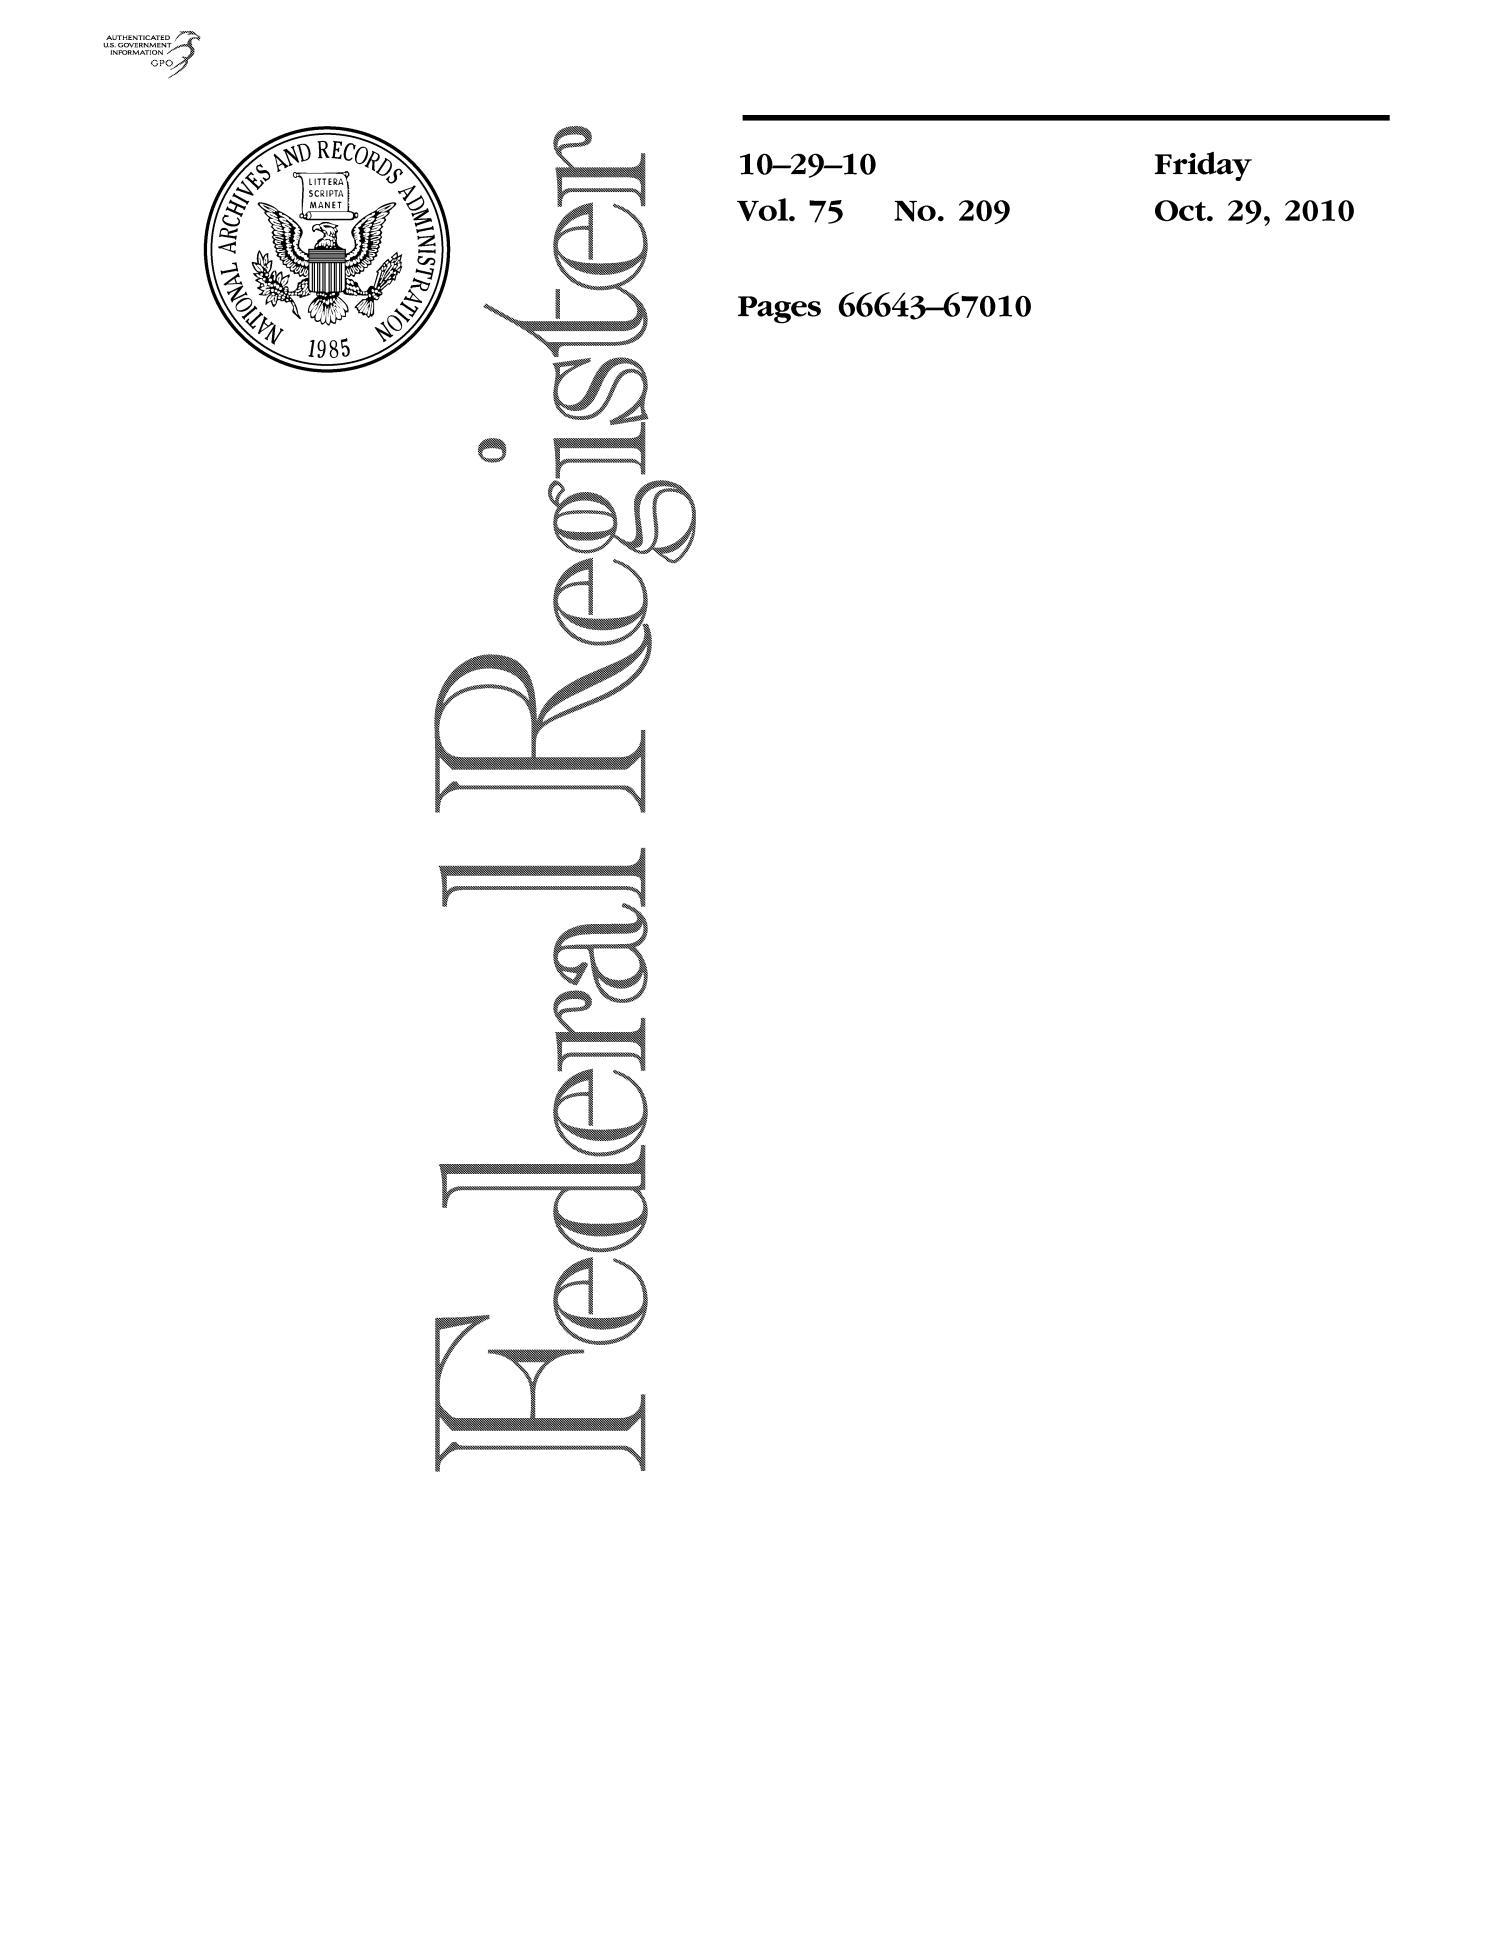 Federal Register, Volume 75, Number 209, October 29, 2010